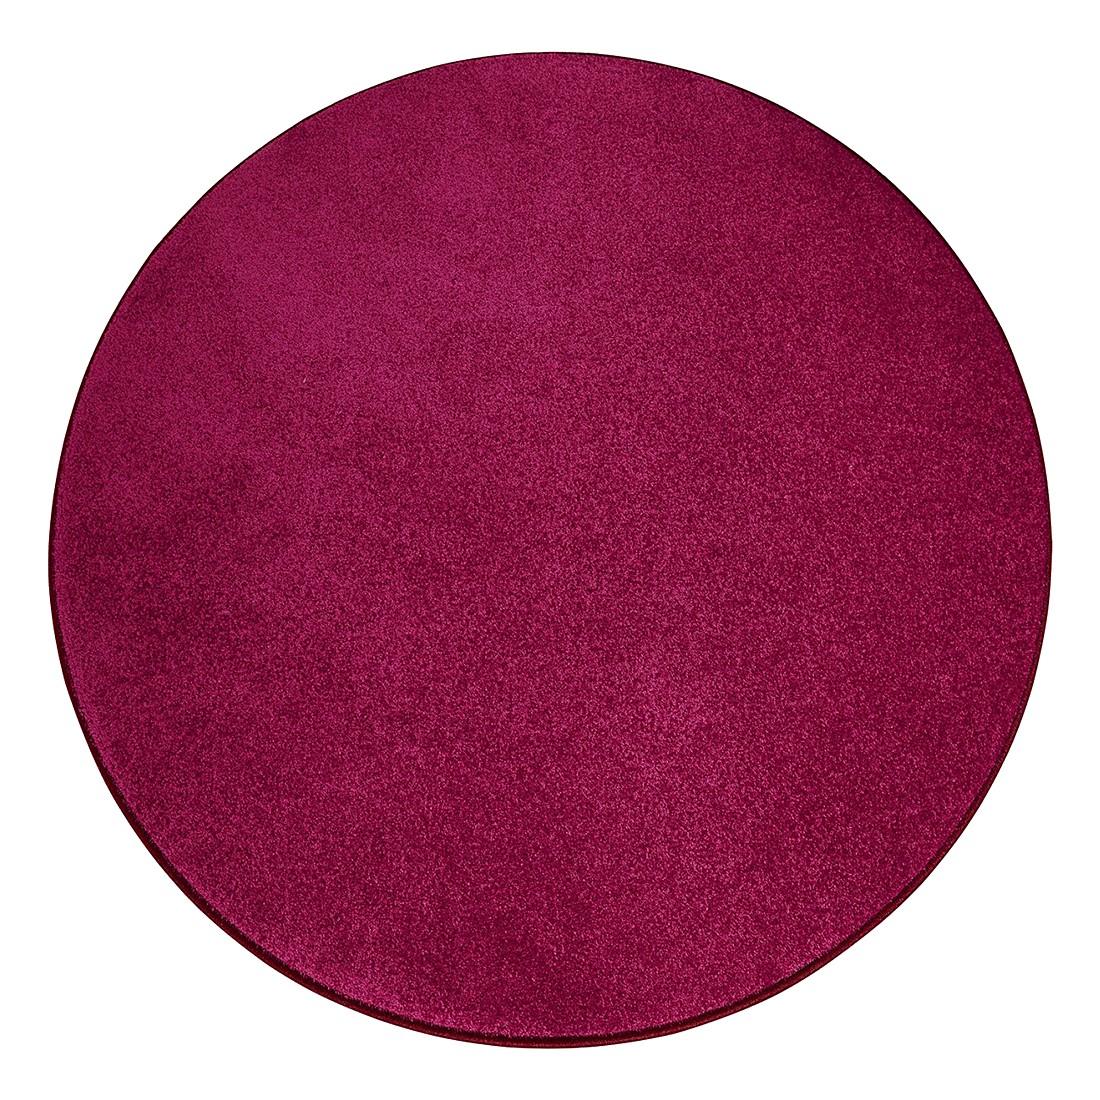 Teppich Burbon – Himbeere – Durchmesser: 180 cm, Testil jetzt bestellen